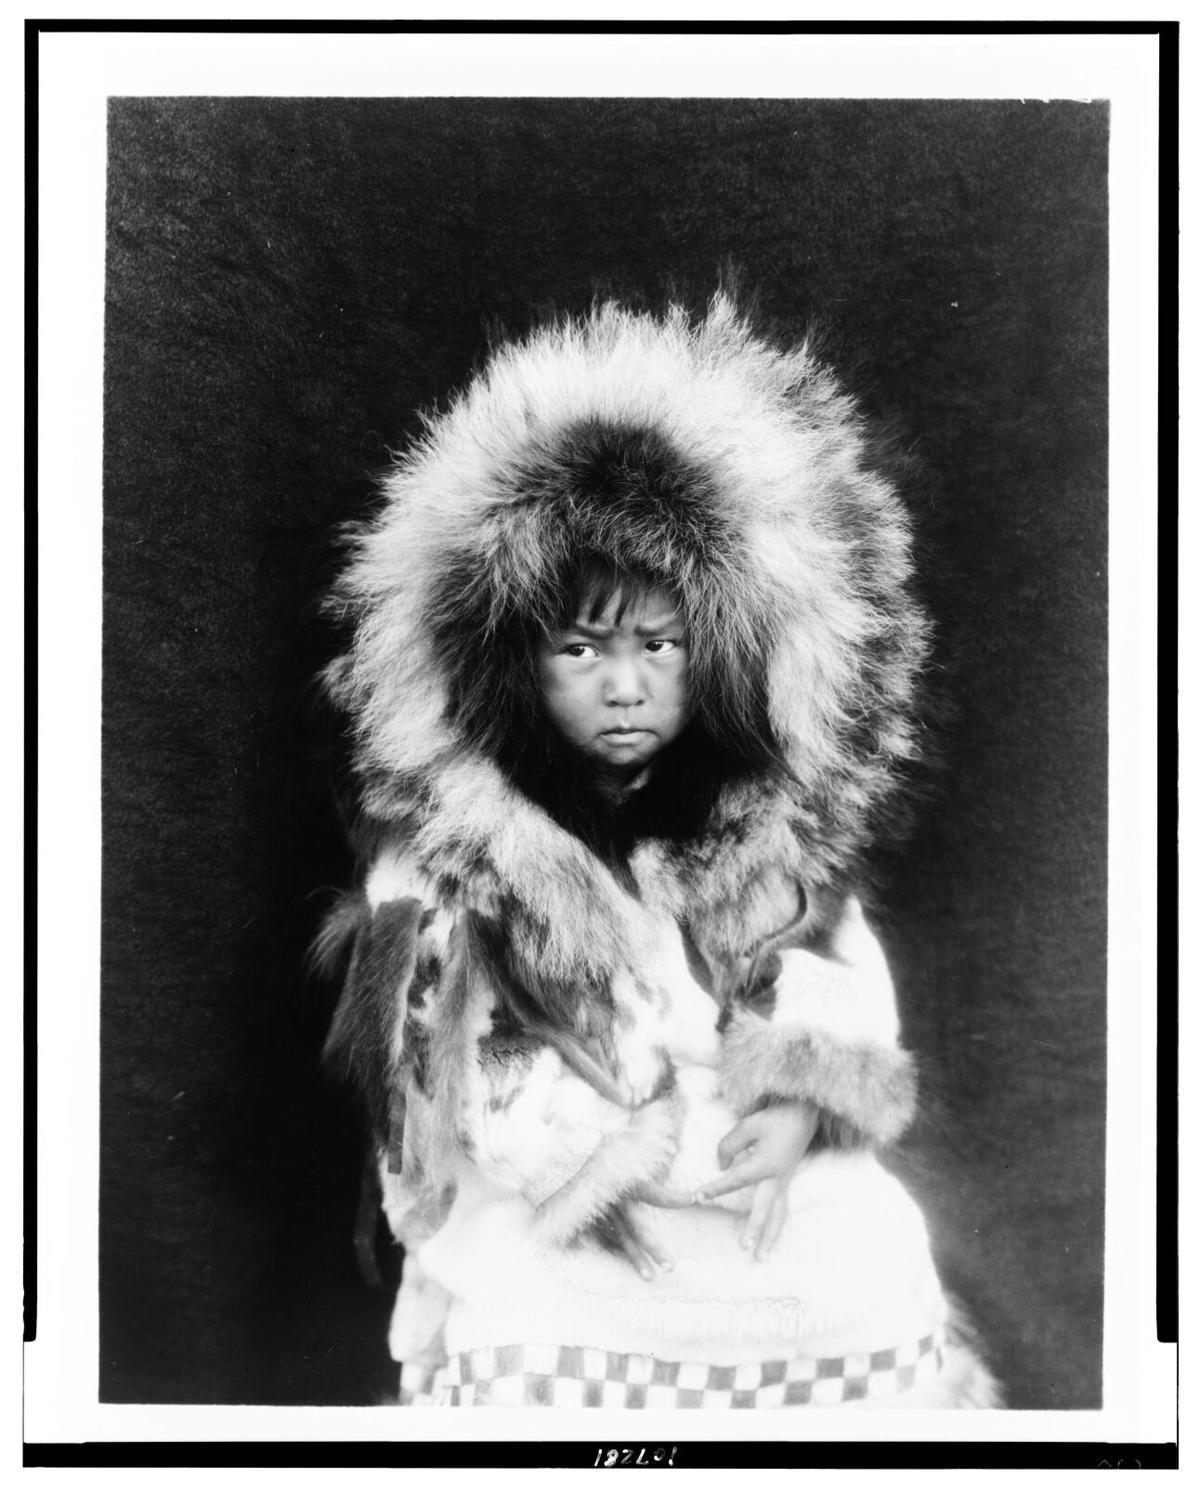 eskimo-kid.tif